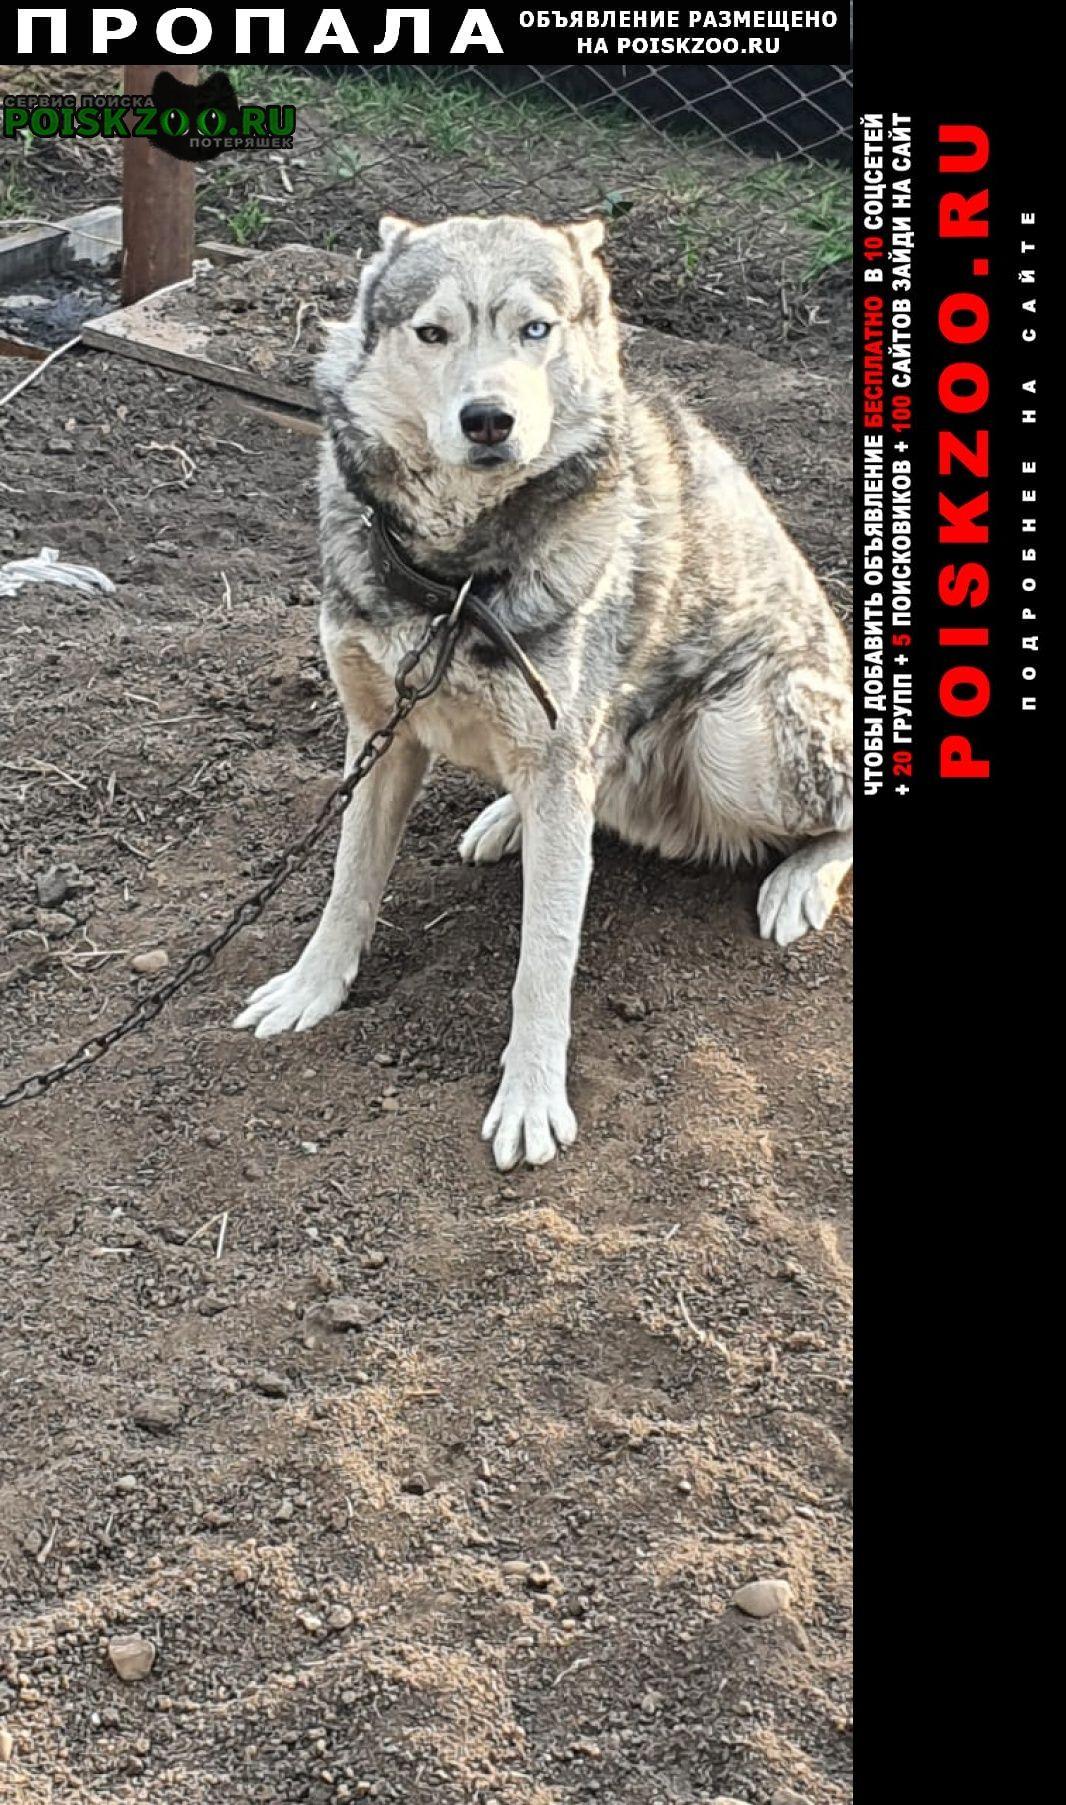 Пропала собака кобель Кемерово